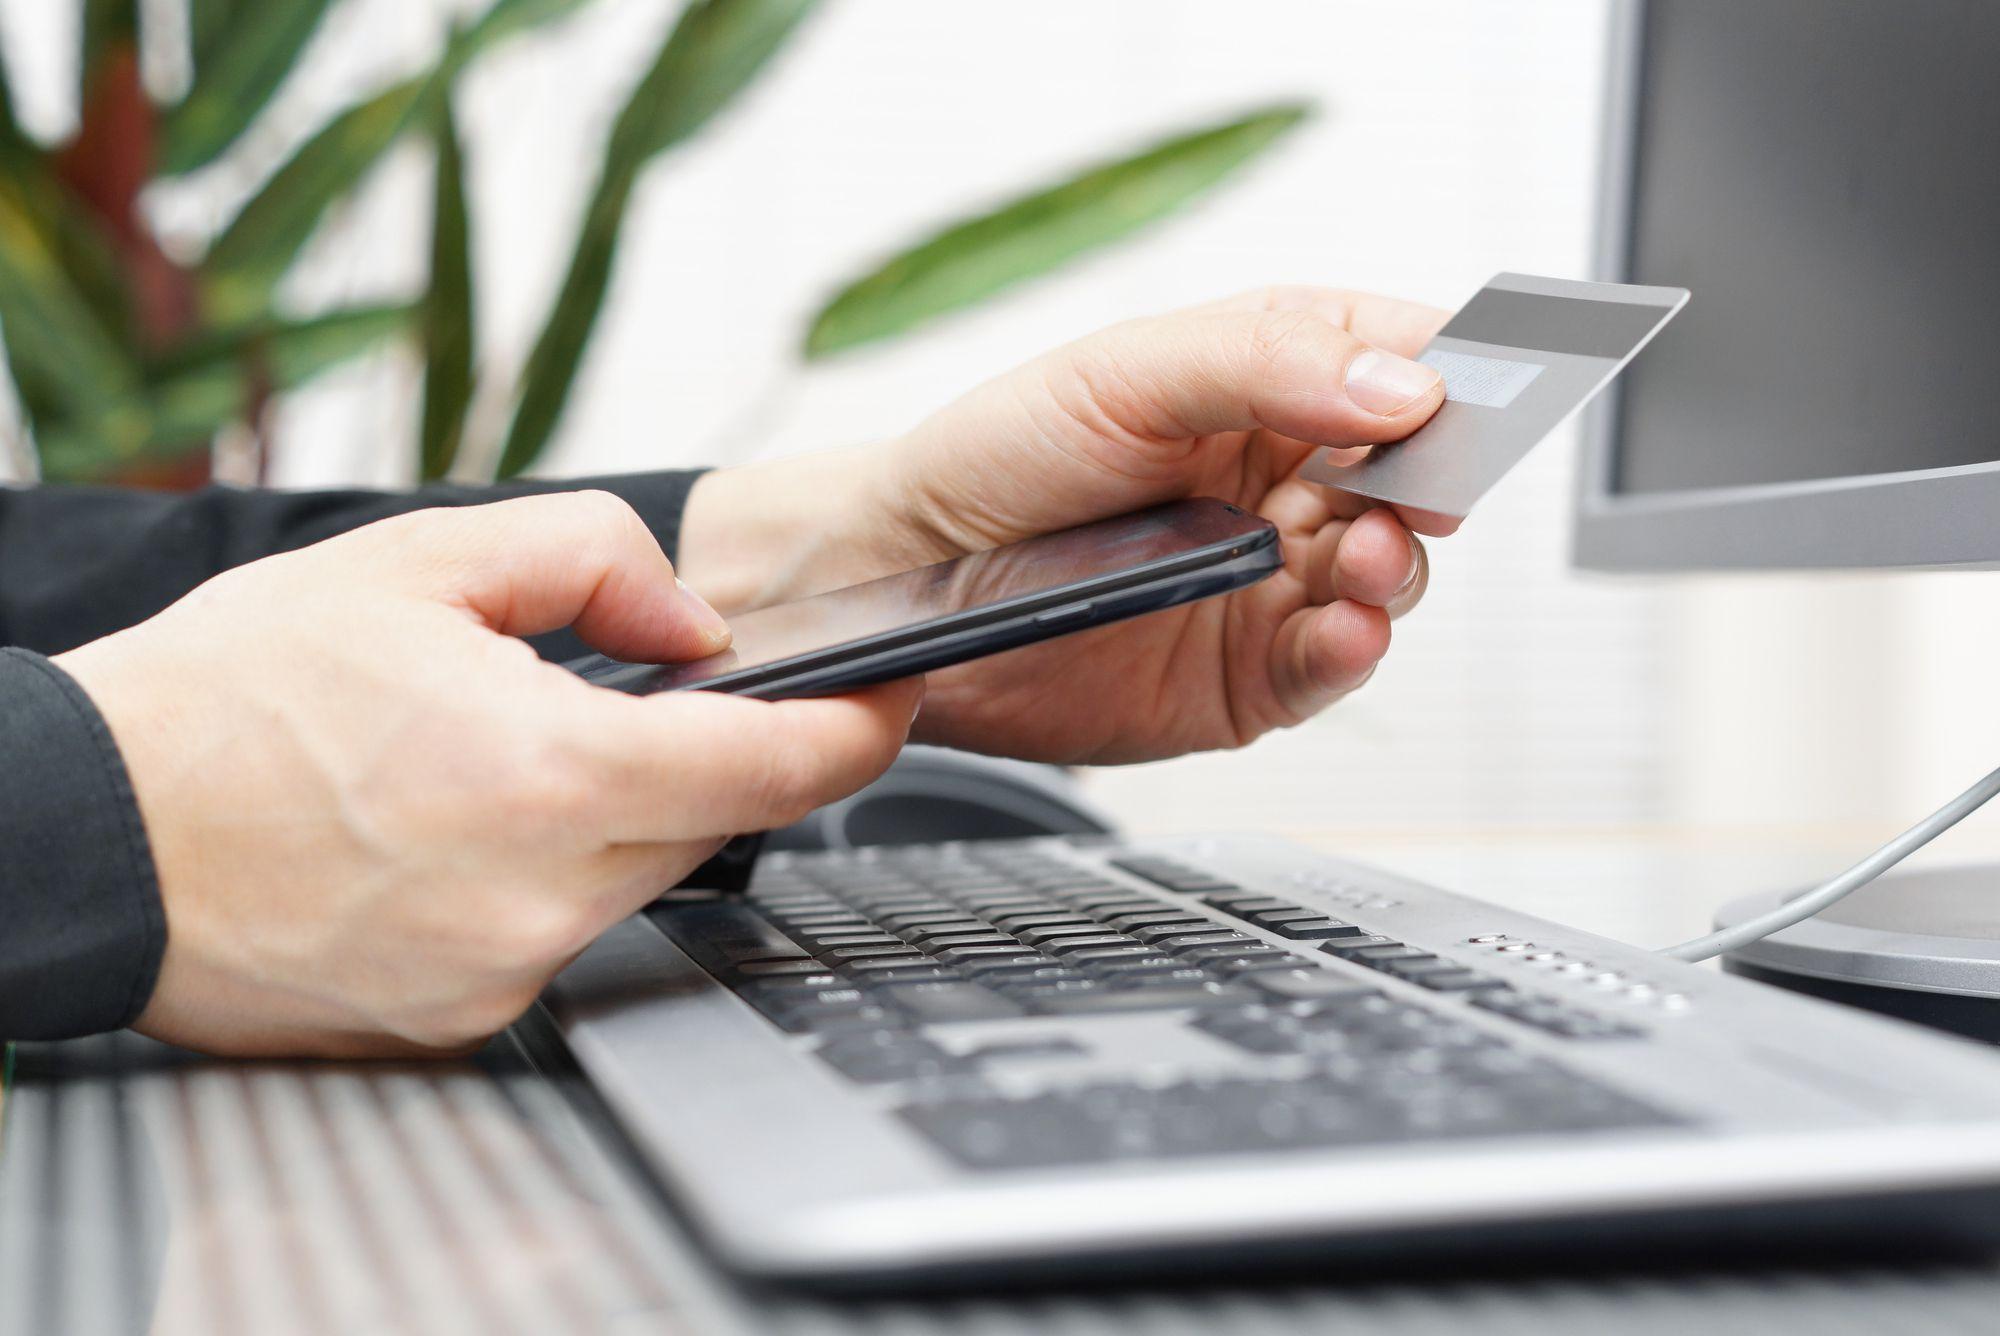 Кредит онлайн на банковскую карту: особенности, условия, выгода